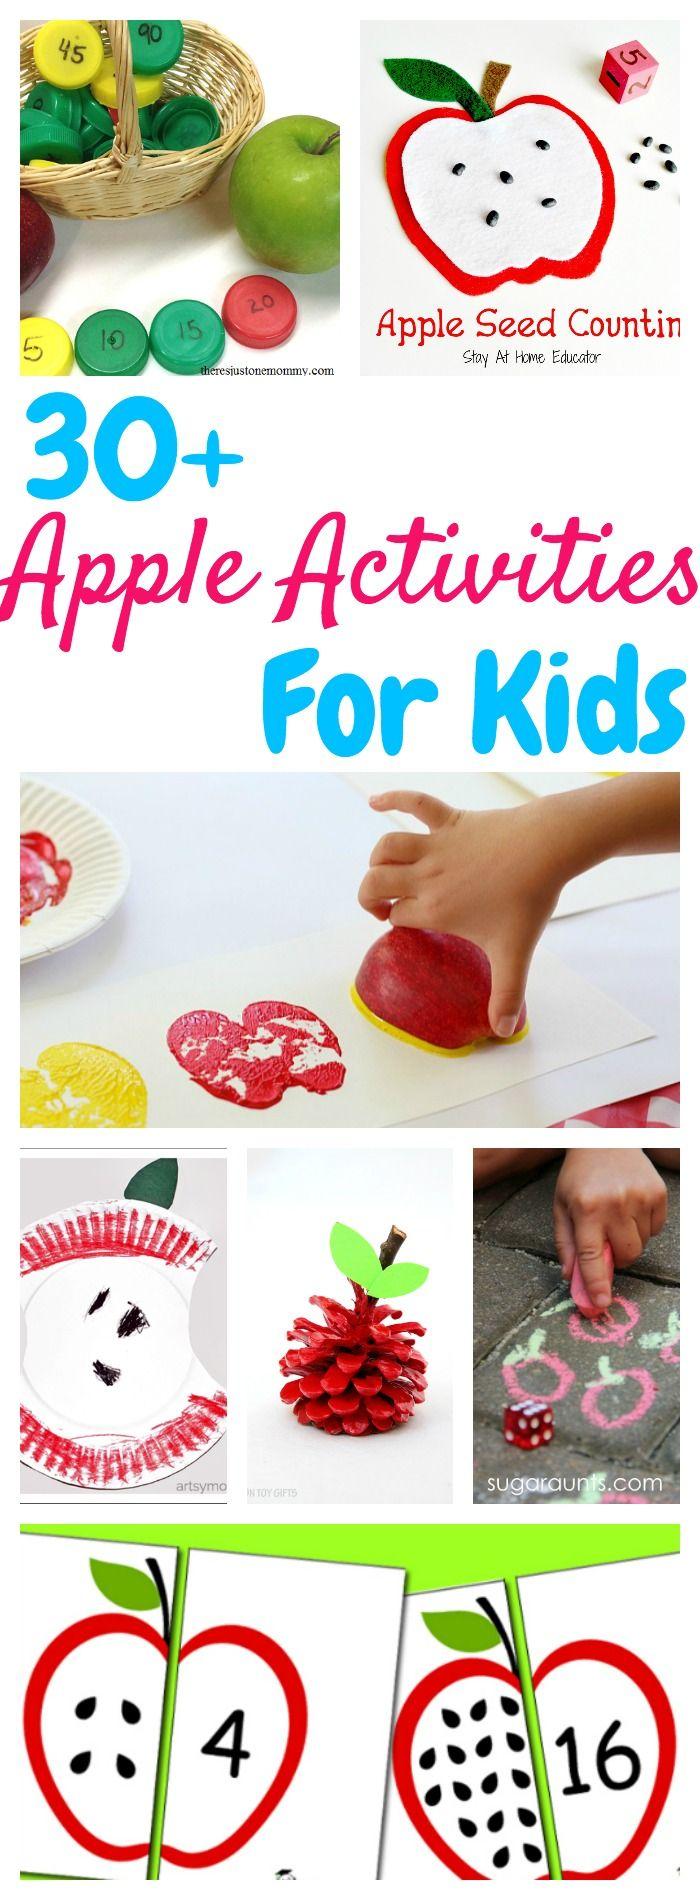 Over 30 Fun Apple Activities for Kids